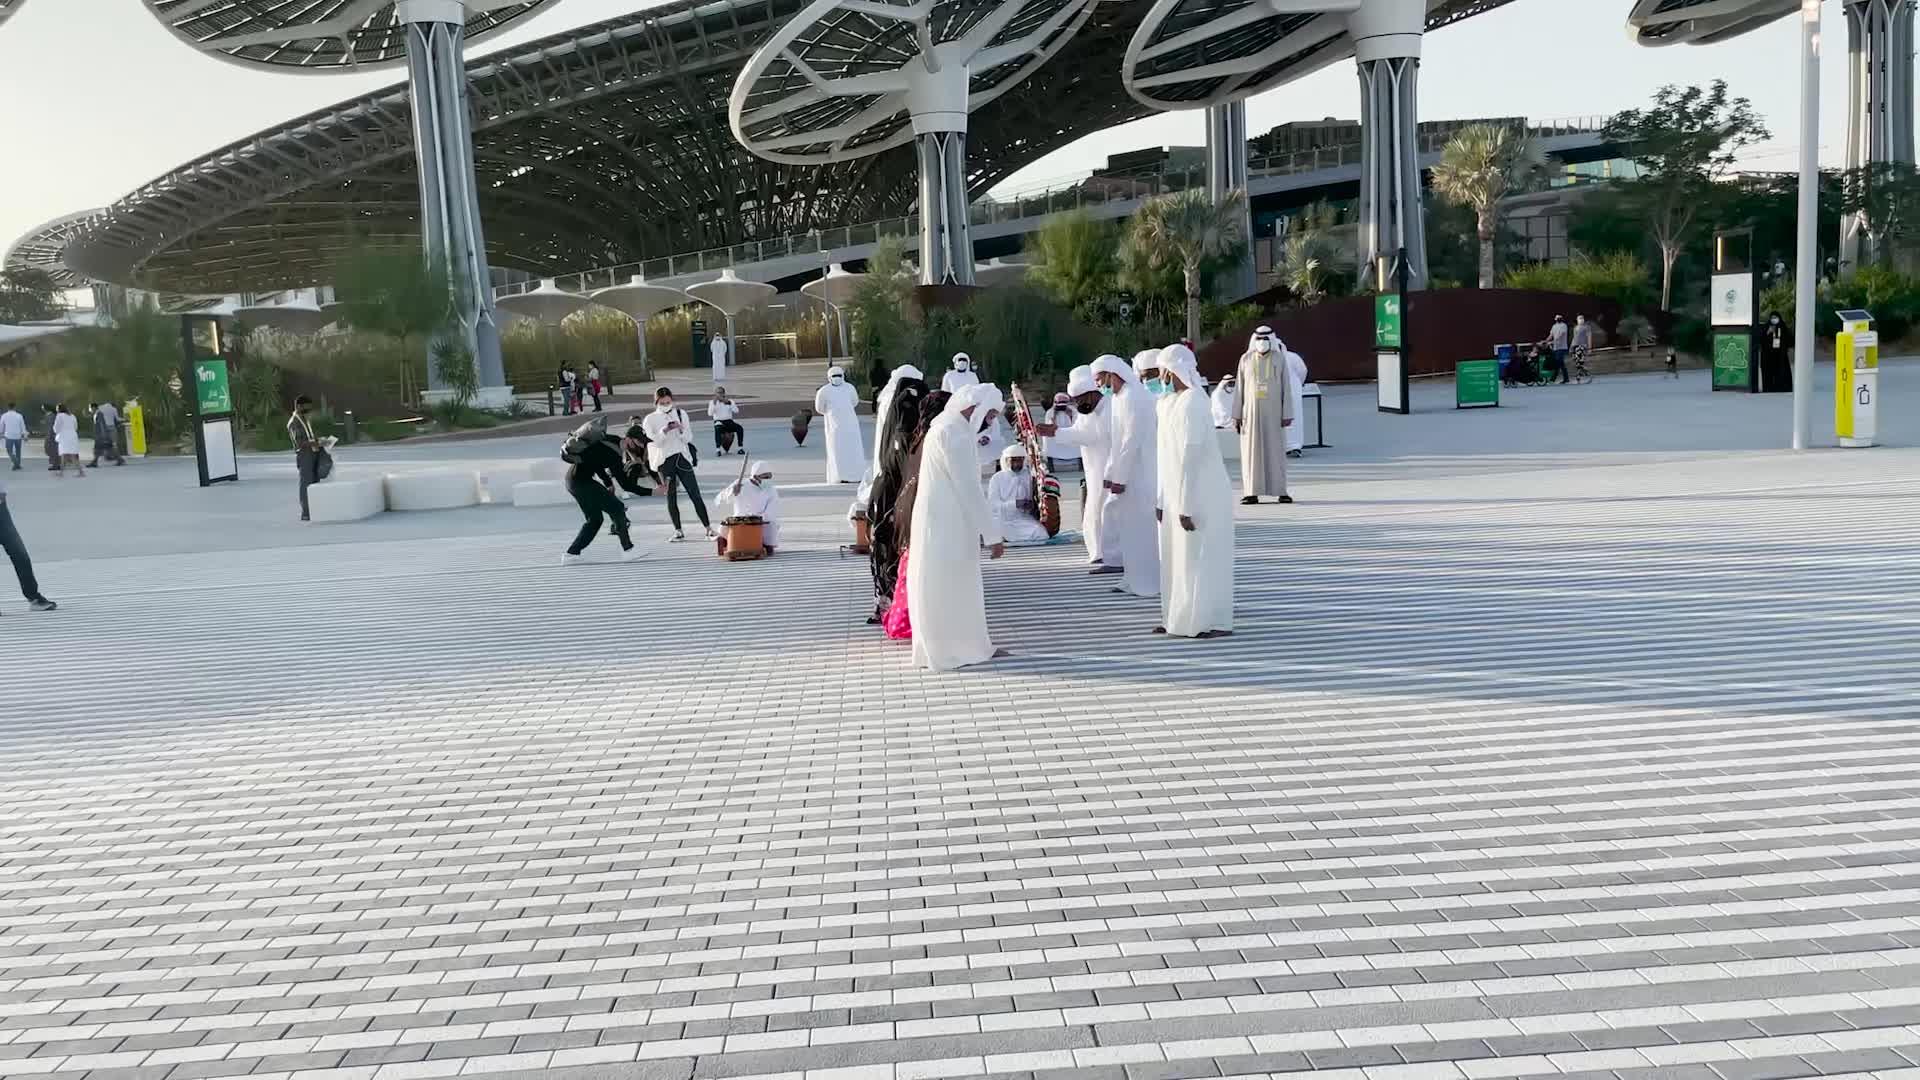 Expo Dubai, come si raggiunge l'area espositiva? Tutte le informazioni